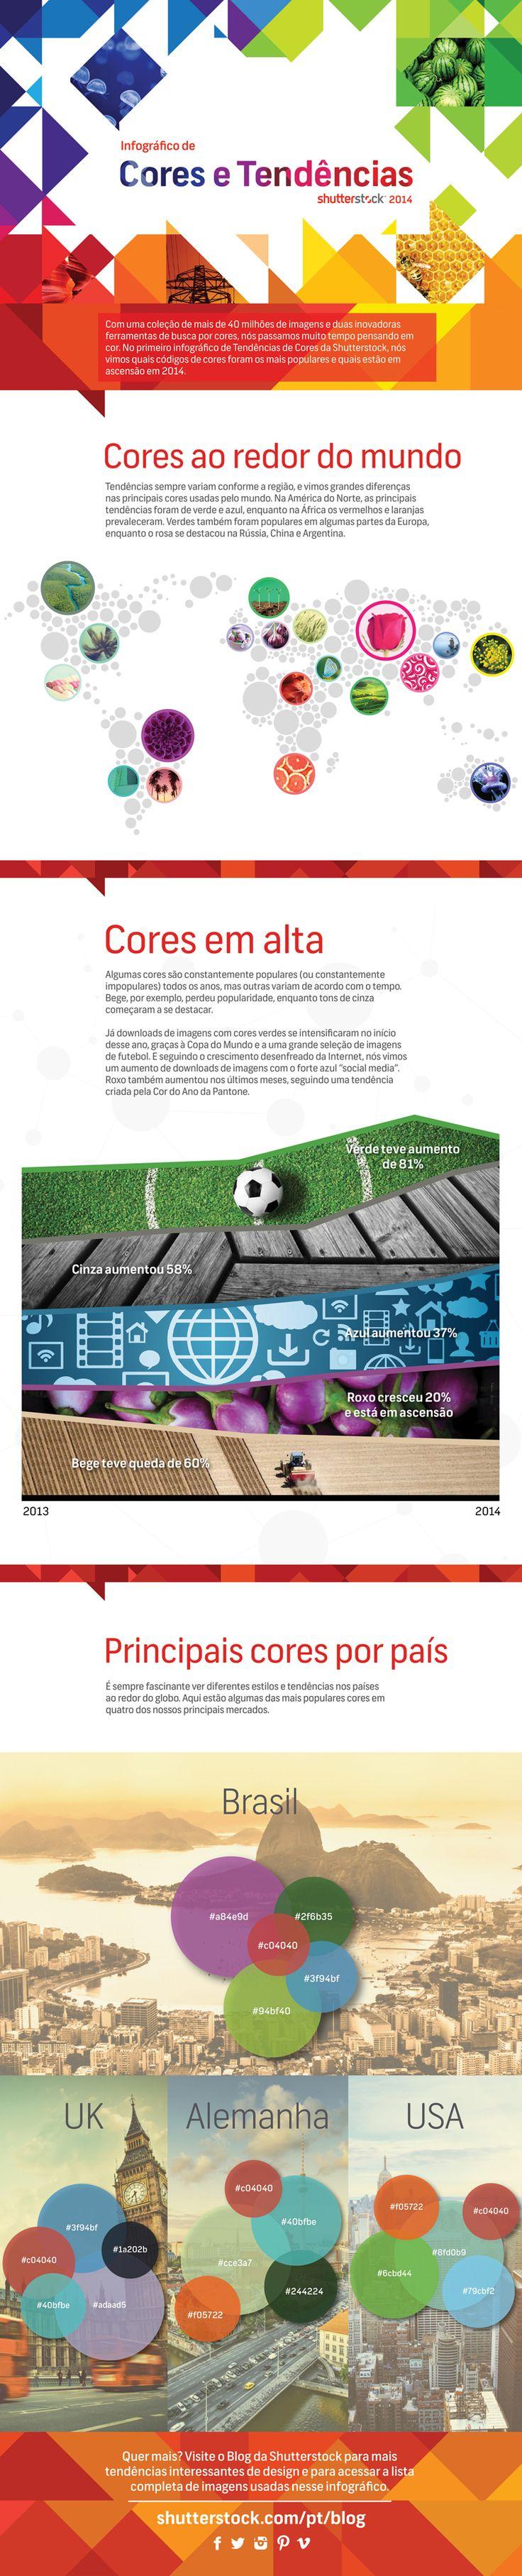 Cores estão sempre em meio as tendências, sempre, independente de qual é o assunto, as cores estarão sempre por lá. Nesse ano a Shutterstock realizou mais uma vez um estudo sobre as cores que são tendências, que são e foram mais usadas. Como resultado de todo esse grande estudo, o infográfico retrata todas as cores …